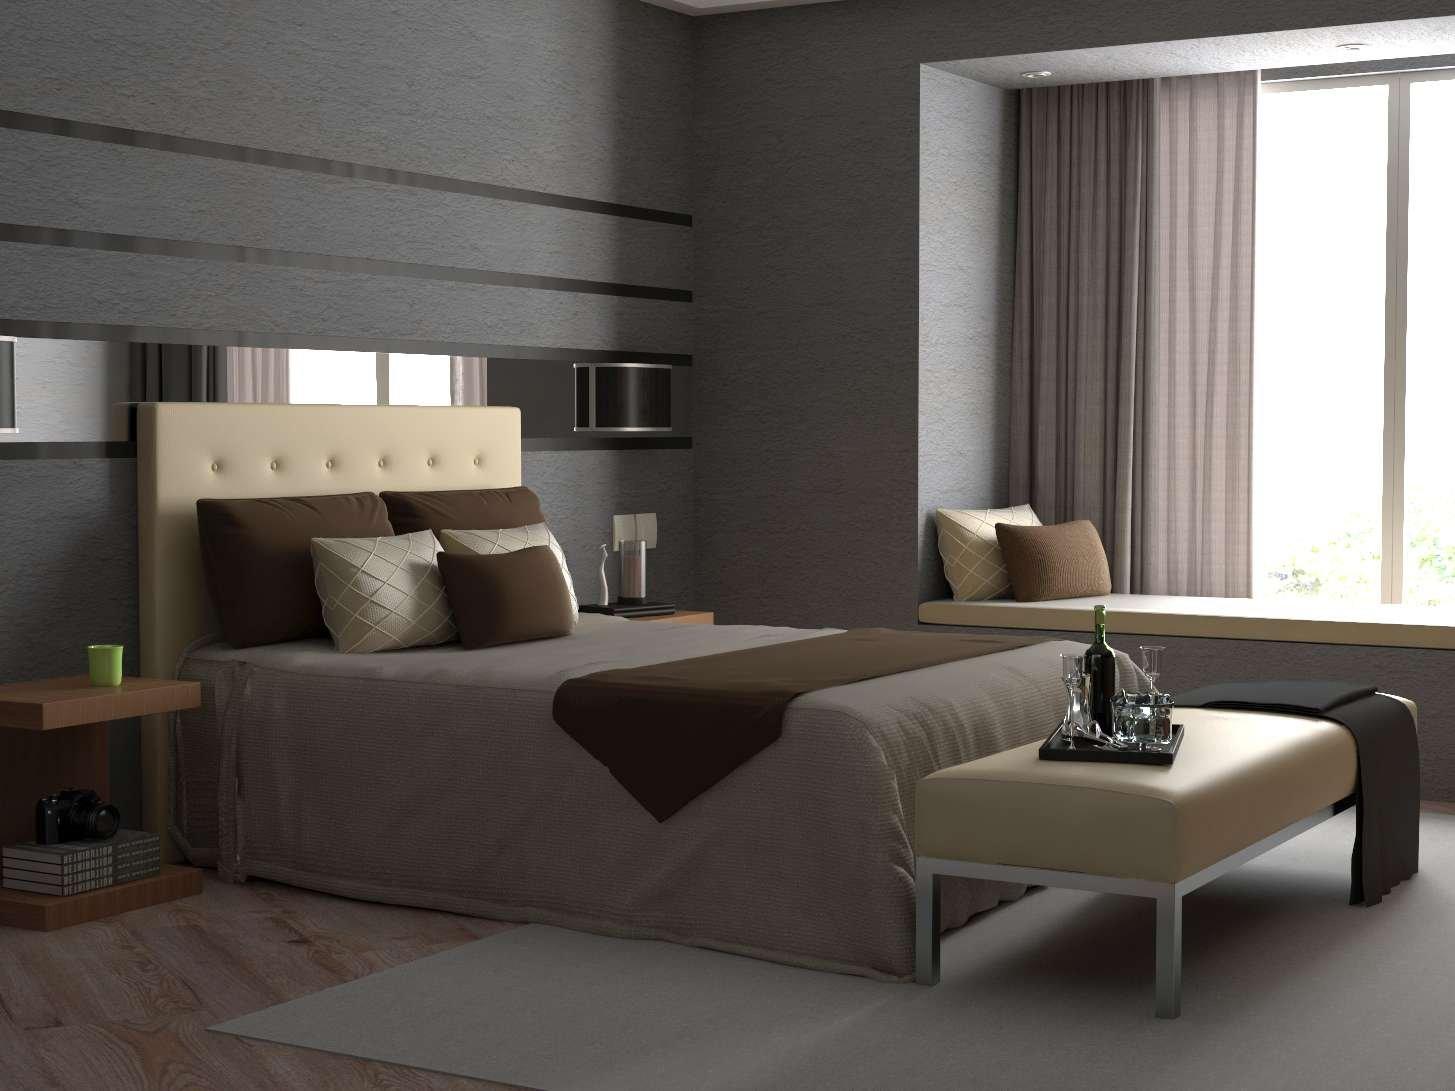 LA WEB DEL COLCHON Cabecero de cama tapizado acolchado Macedonia (Cama 150) 160 x 70 cms. Polipiel color Beige. Incluye herrajes para colgar con regulador ...